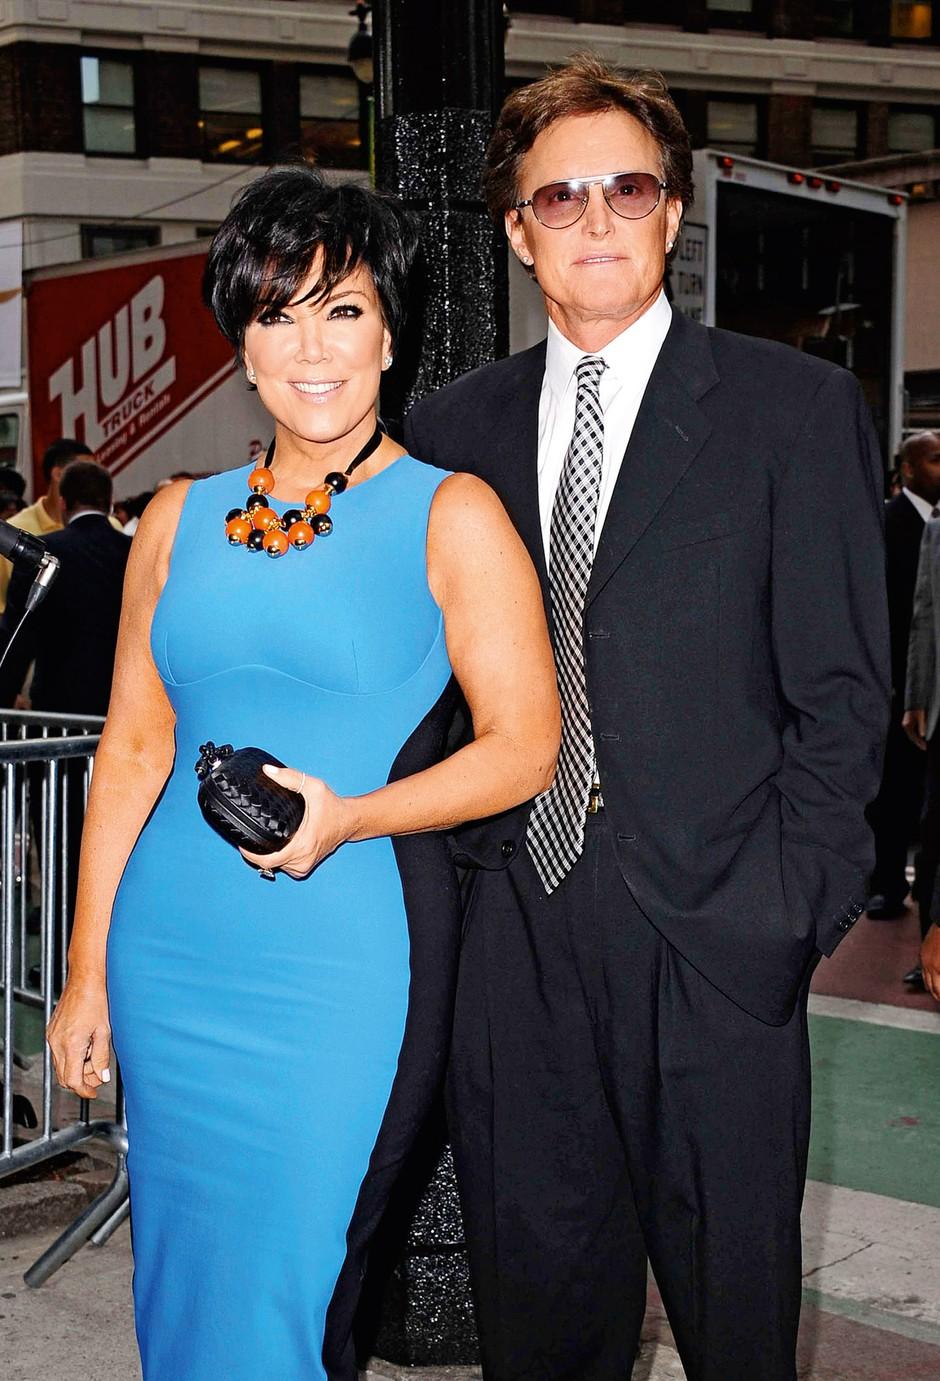 Kris je Brucea, s katerim se je poročila leta 1991, že kmalu po poroki zasačila v njeni obleki, zato ga je še dolga leta poniževala. (foto: Lea)